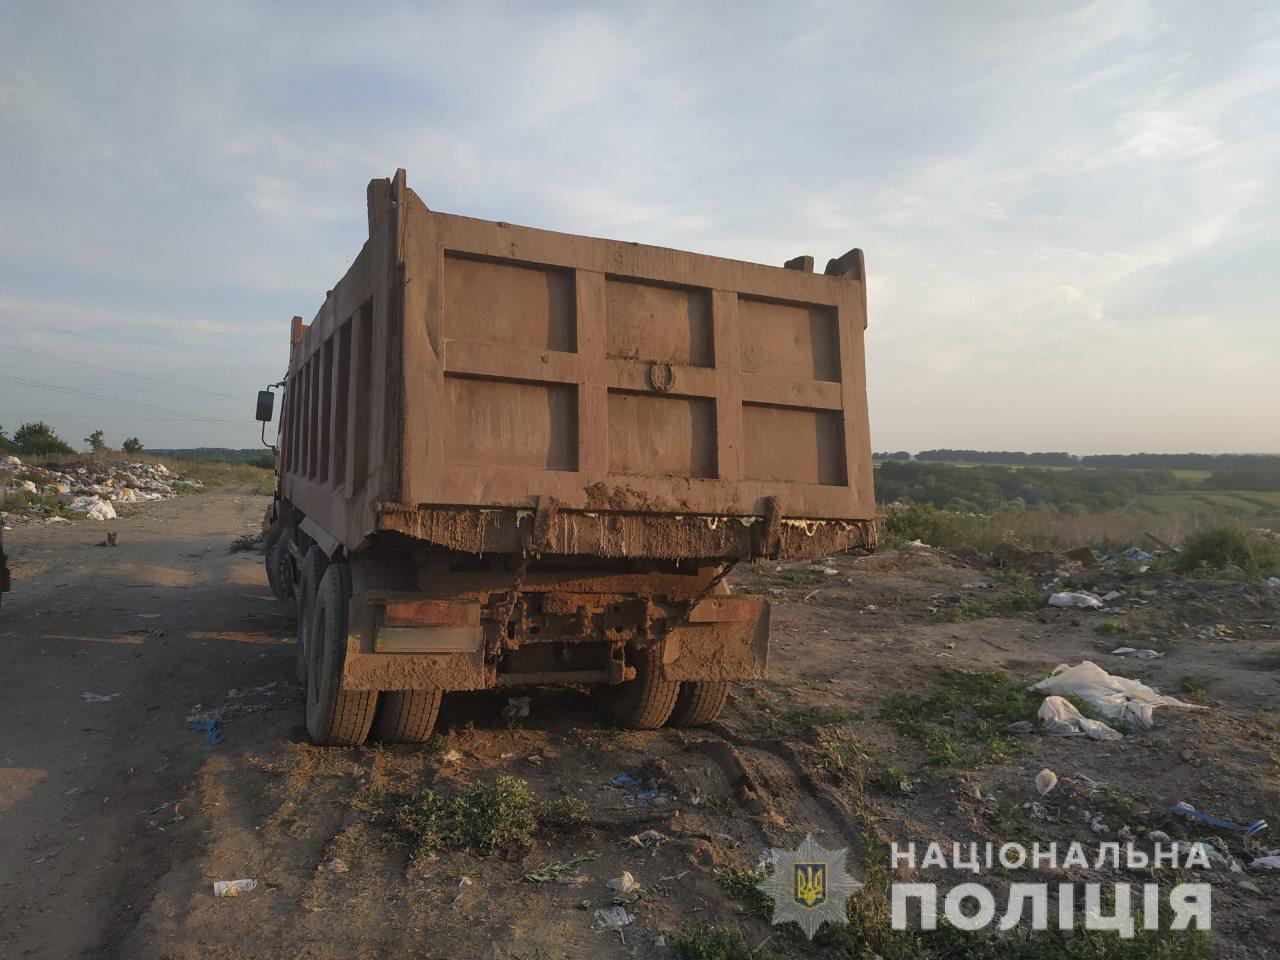 Полиция открыла уголовное дело по несанкционированному выбросу отходов на свалке